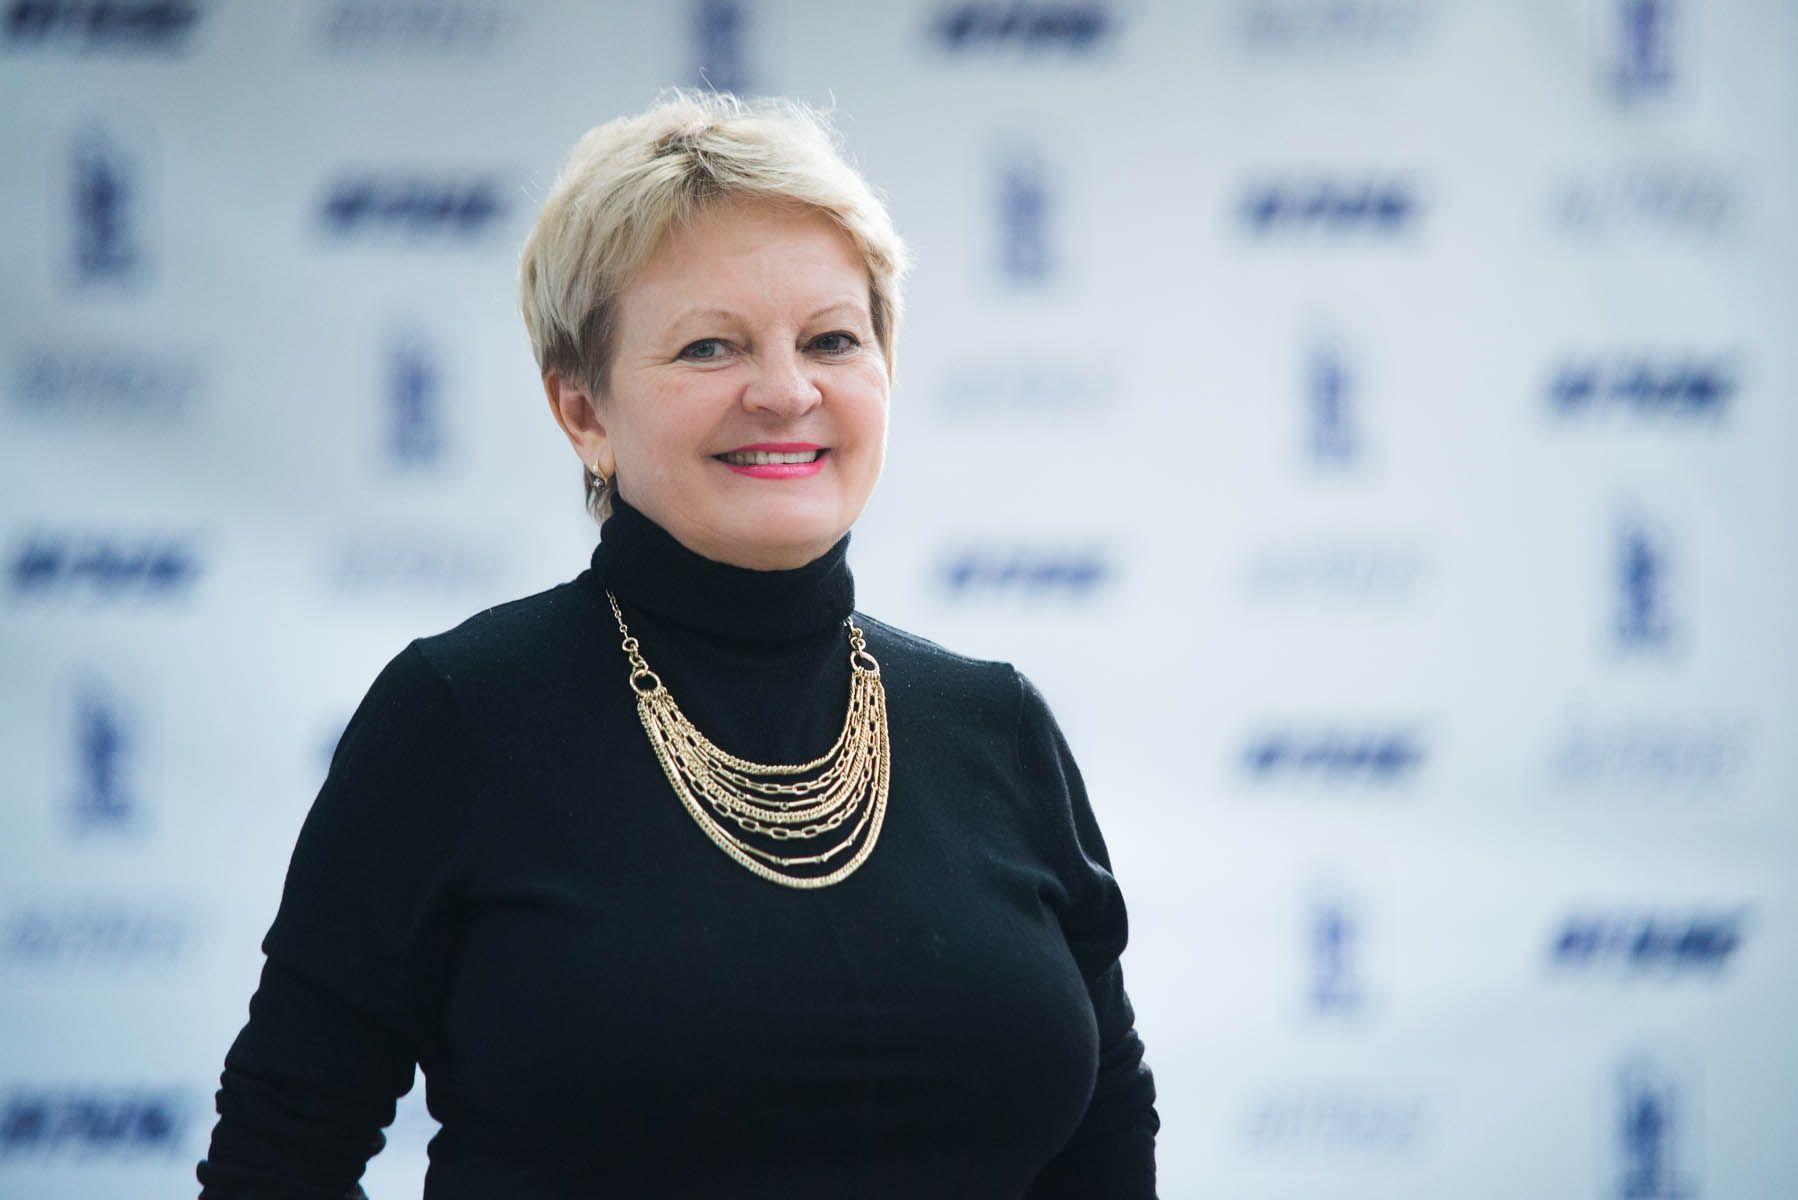 Ученый секретарь Ученого совета ВГУЭС Татьяна Филичева: 20 лет на посту!